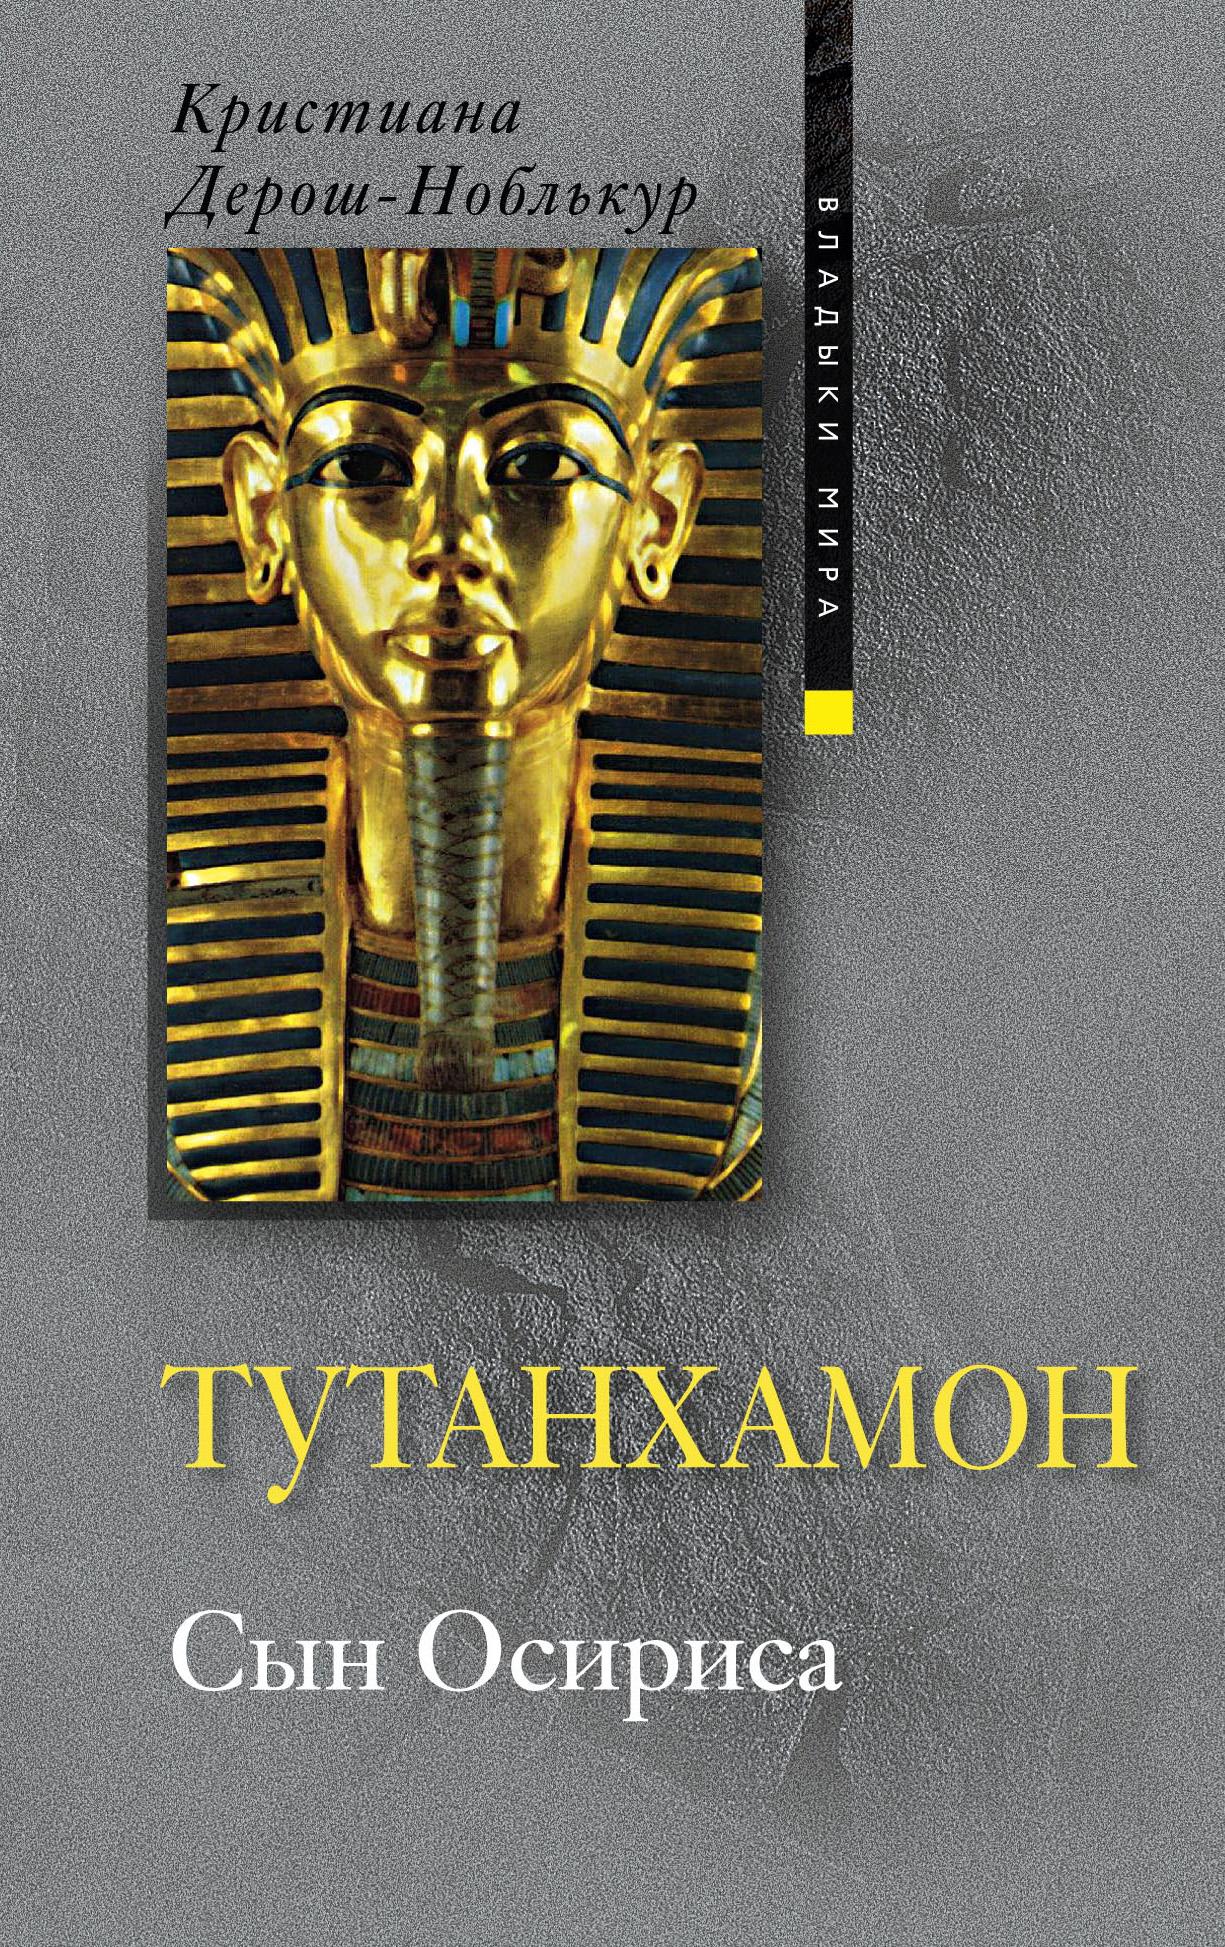 цена на Кристиана Дерош-Ноблькур Тутанхамон. Сын Осириса